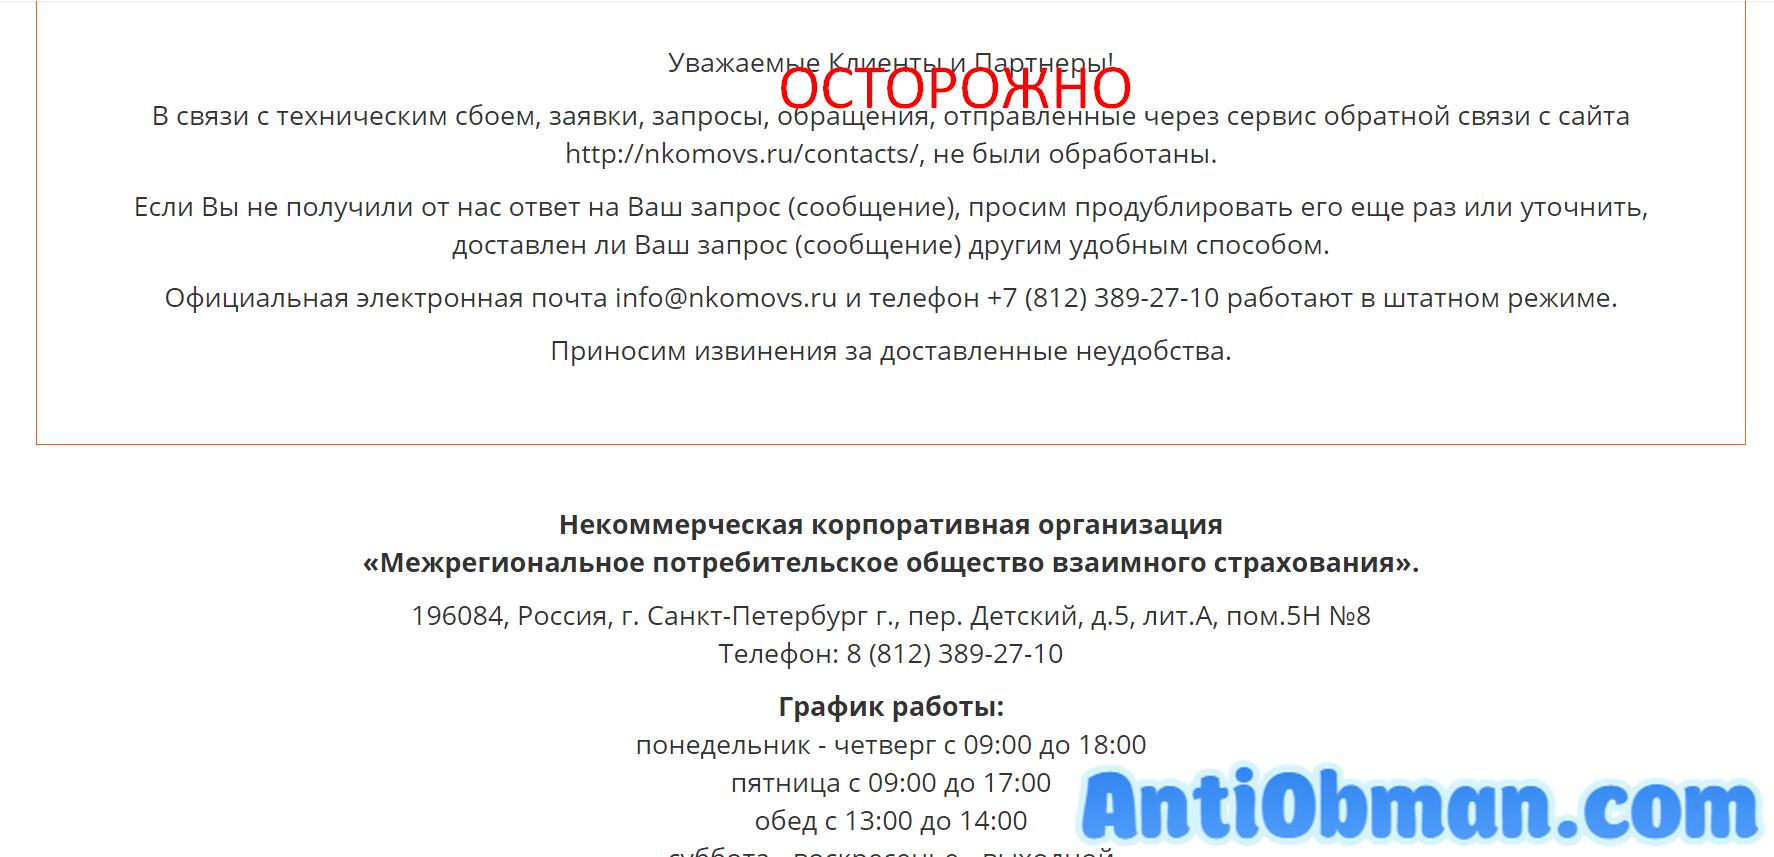 НКО МОВС (Межрегиональное общество взаимного страхования) - отзывы и обзор